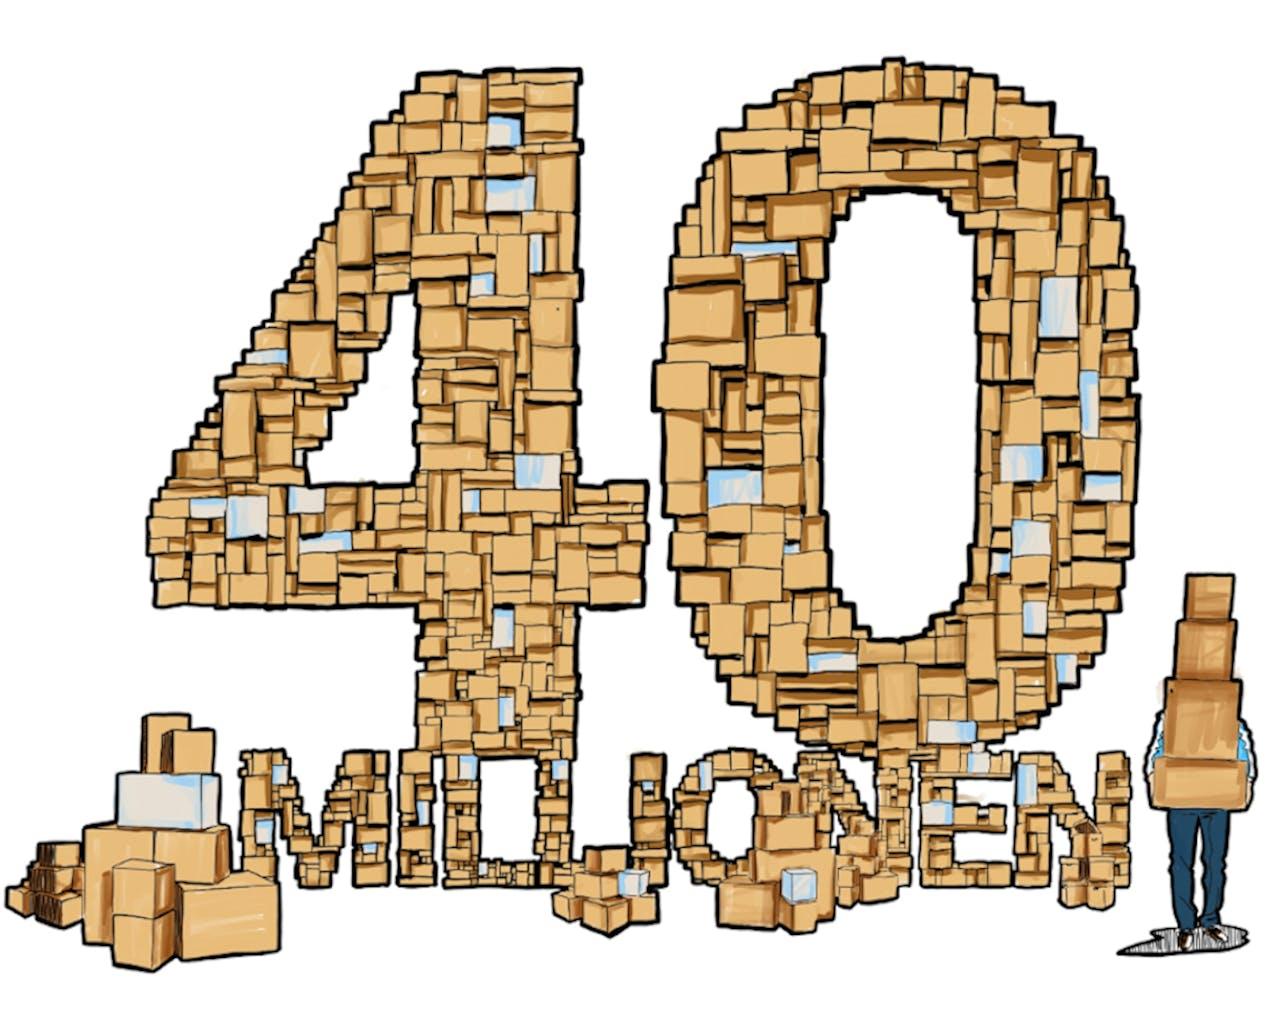 40 millionen pakete